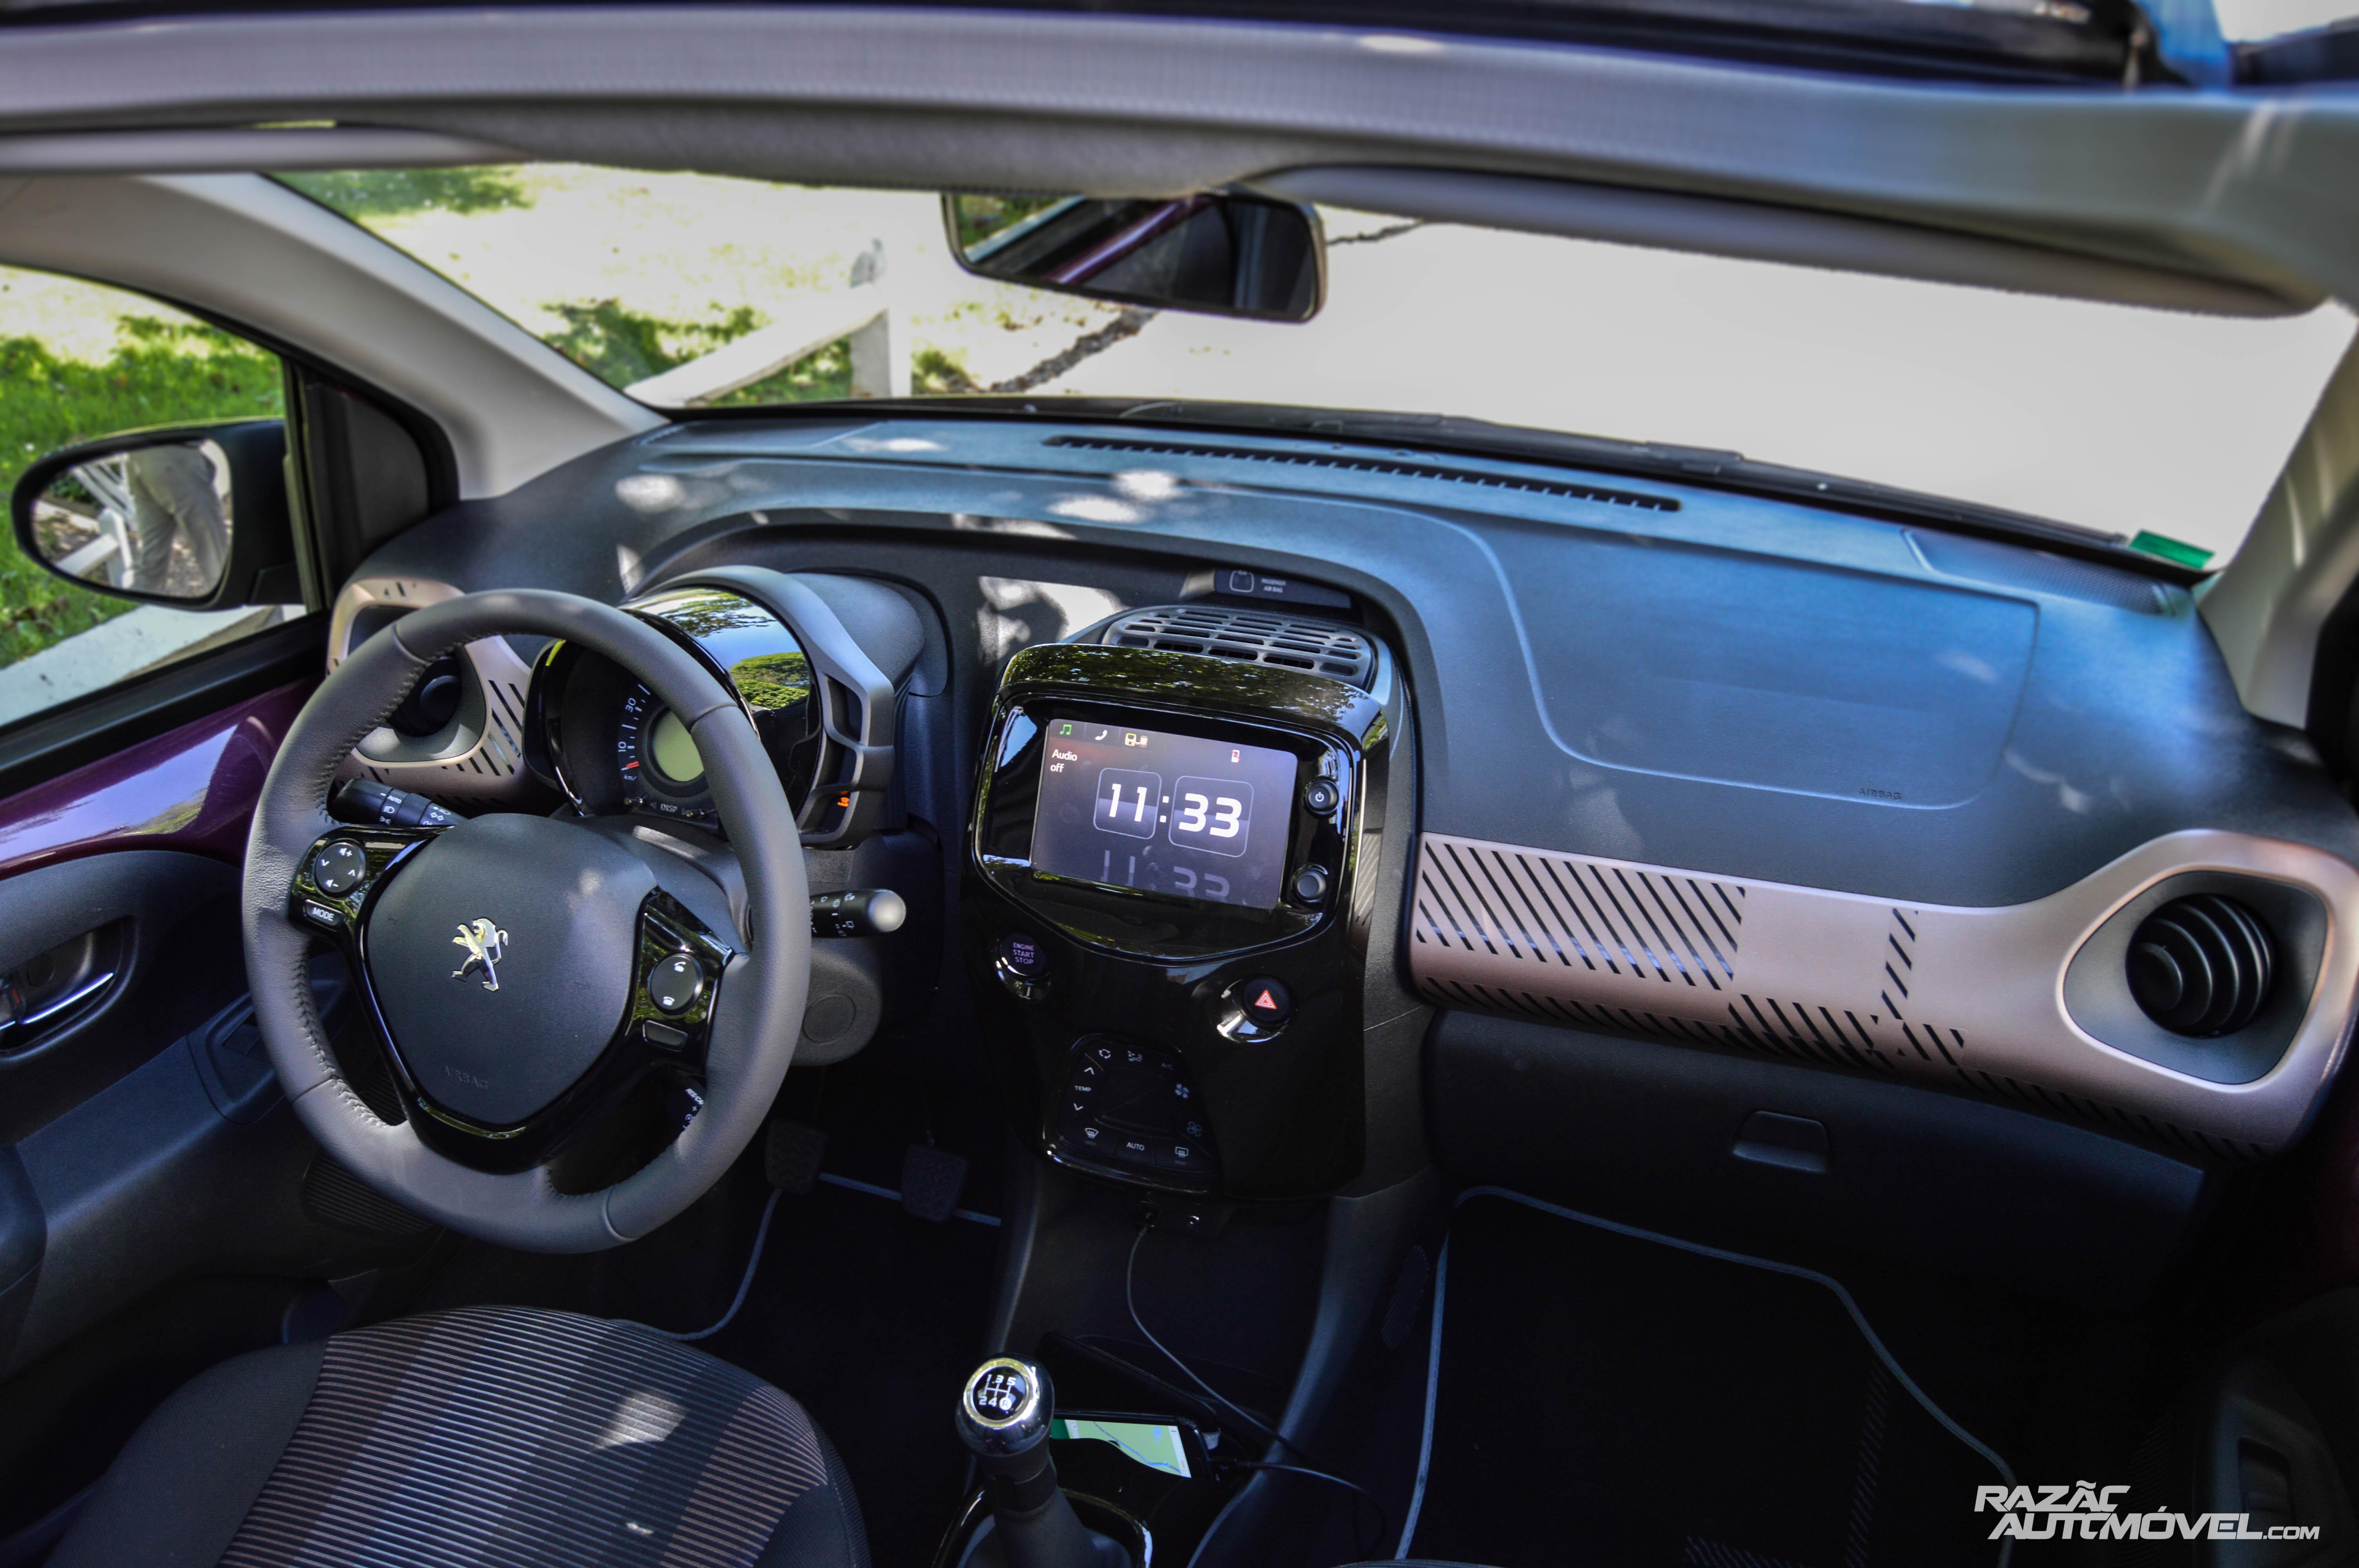 Peugeot 108 interieur photo 108 top vti interieur en for Interieur 108